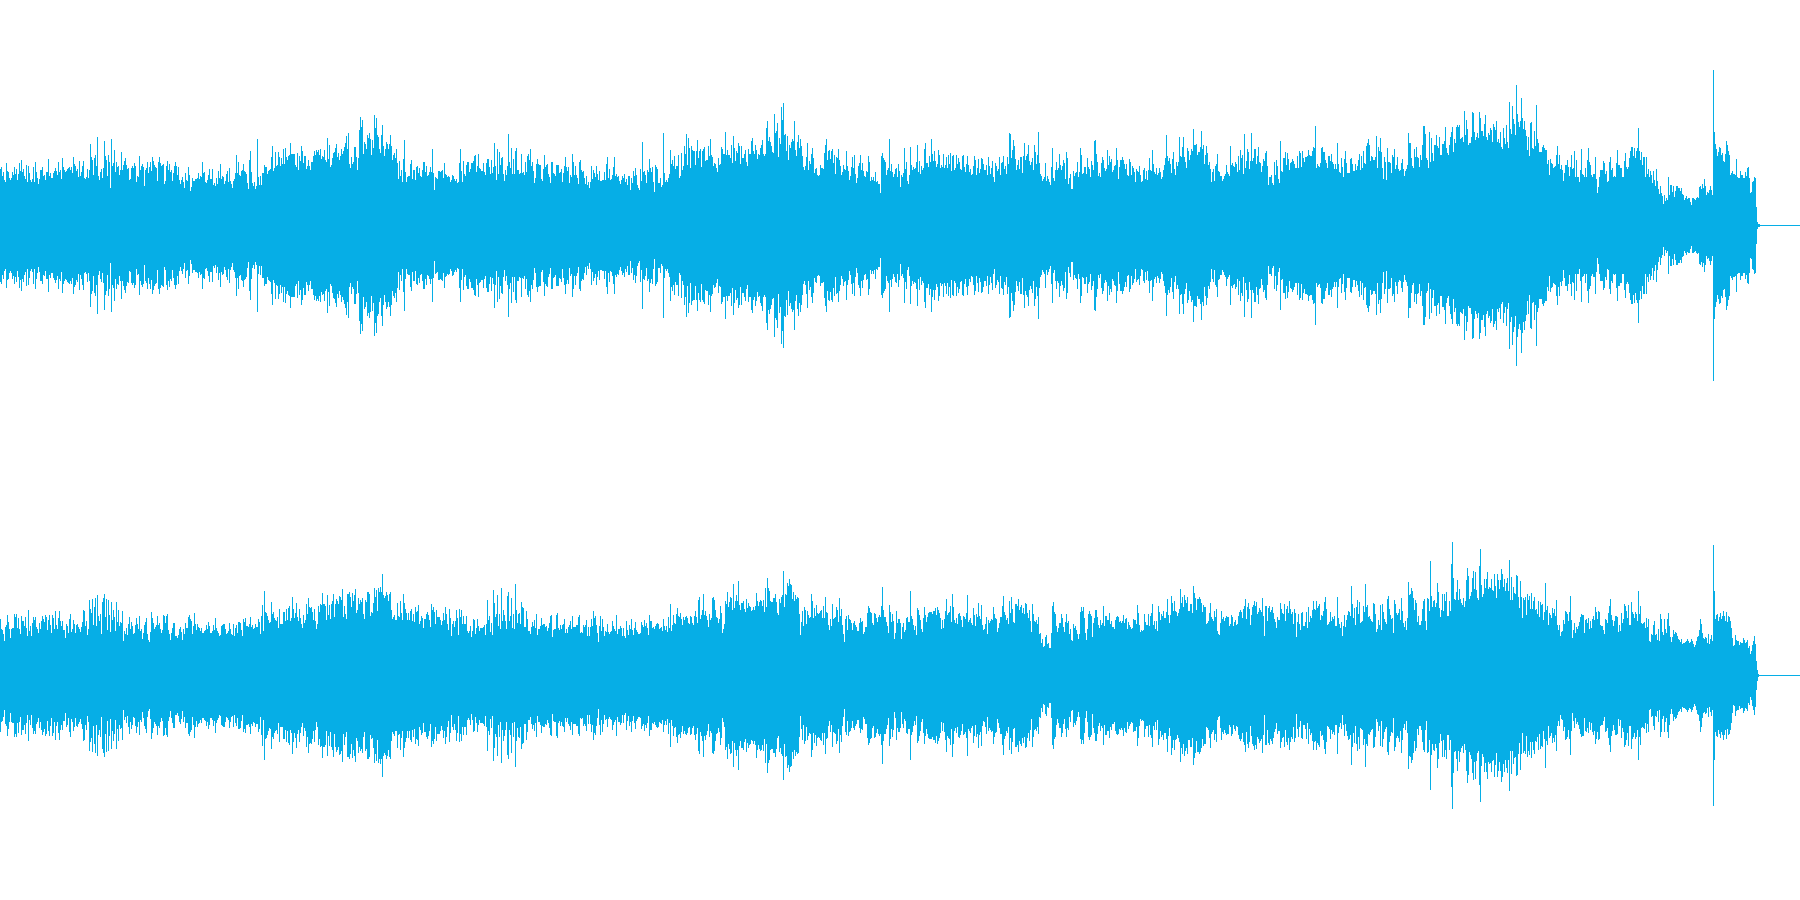 クープランの墓より第一楽章前奏曲の再生済みの波形